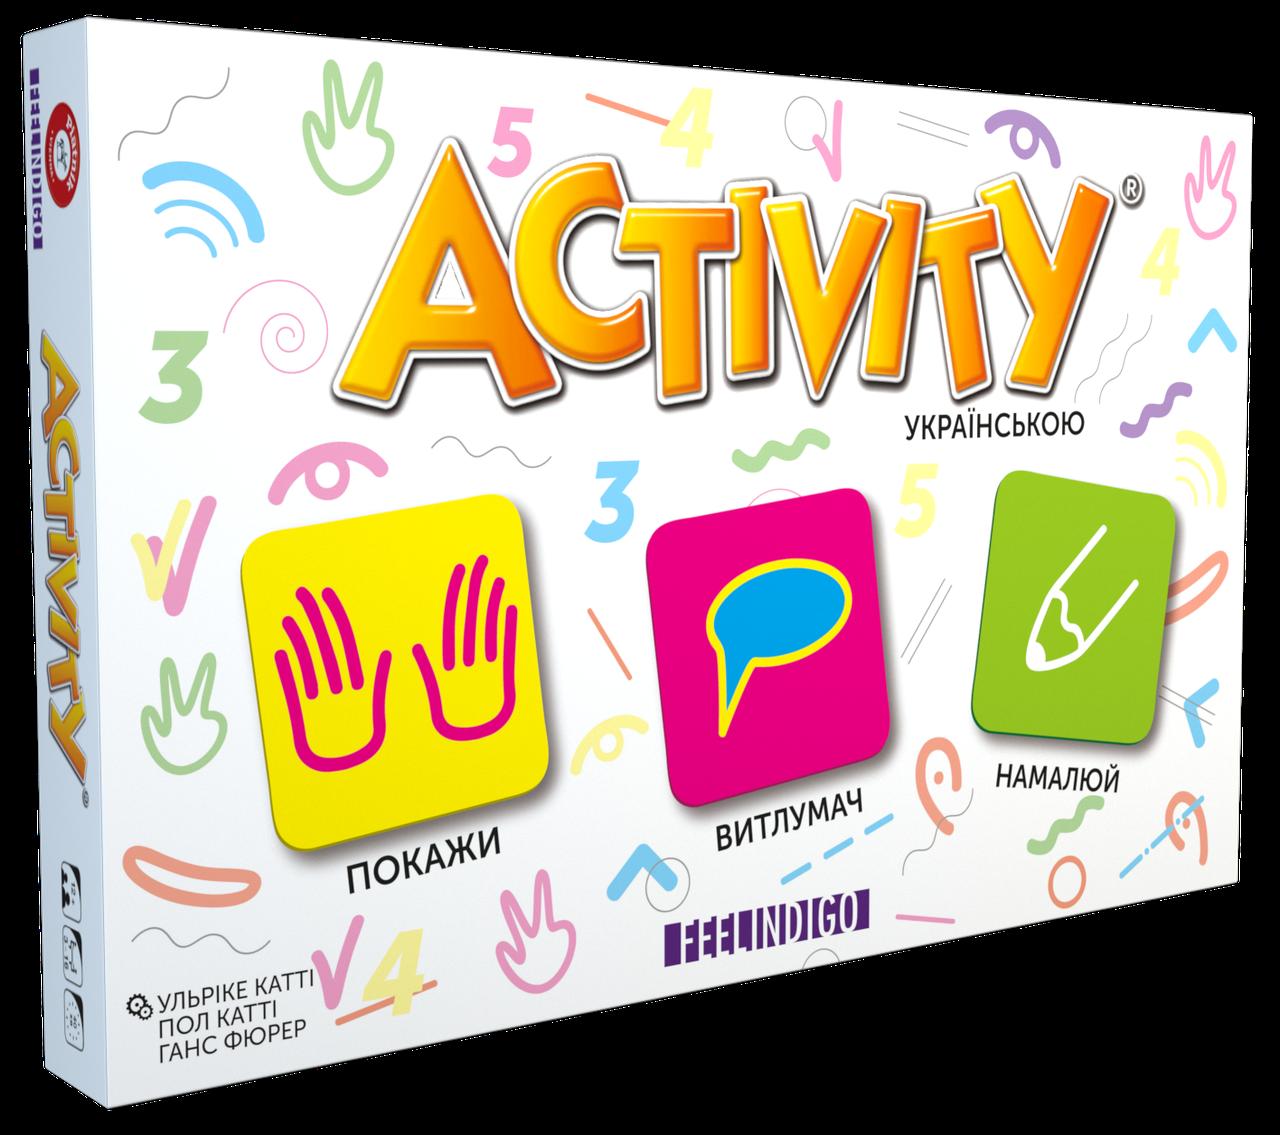 Настольная игра Активити. Украинская версия